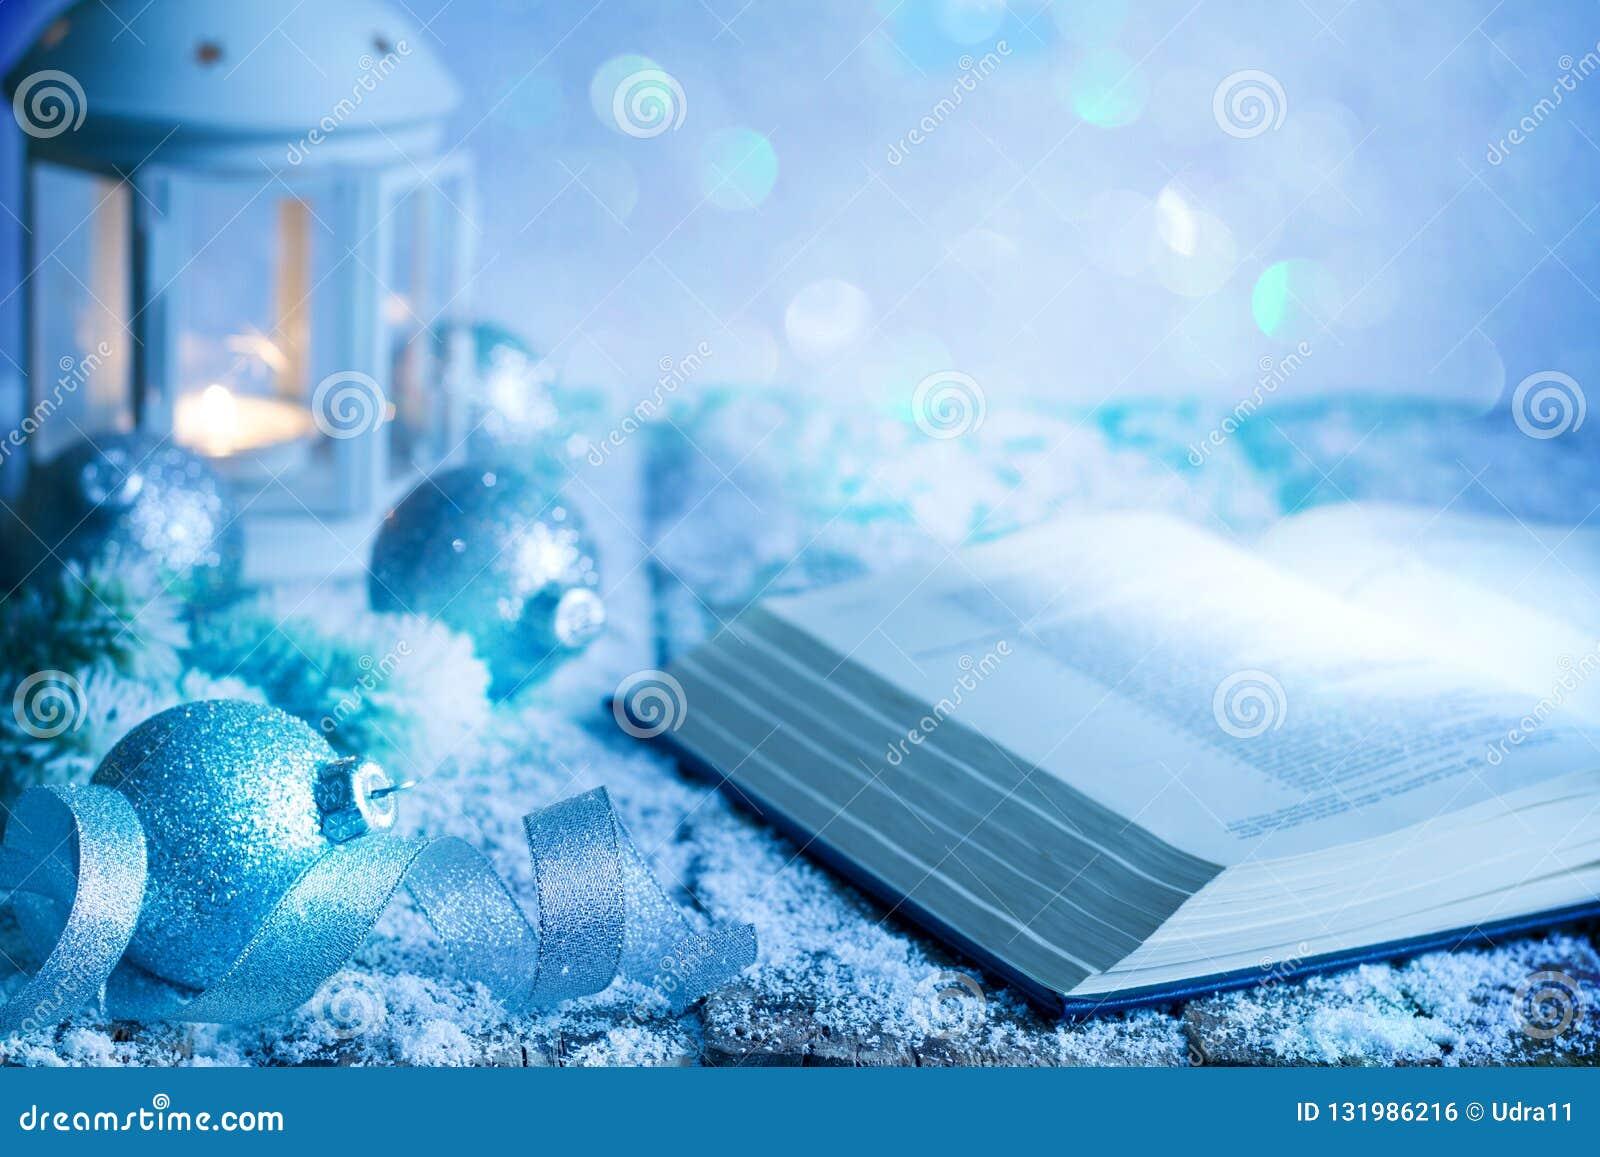 För garneringprydnad för jul abstrakt bakgrund med den bibelstruntsaker och lyktan på den tomma tabellen i blått